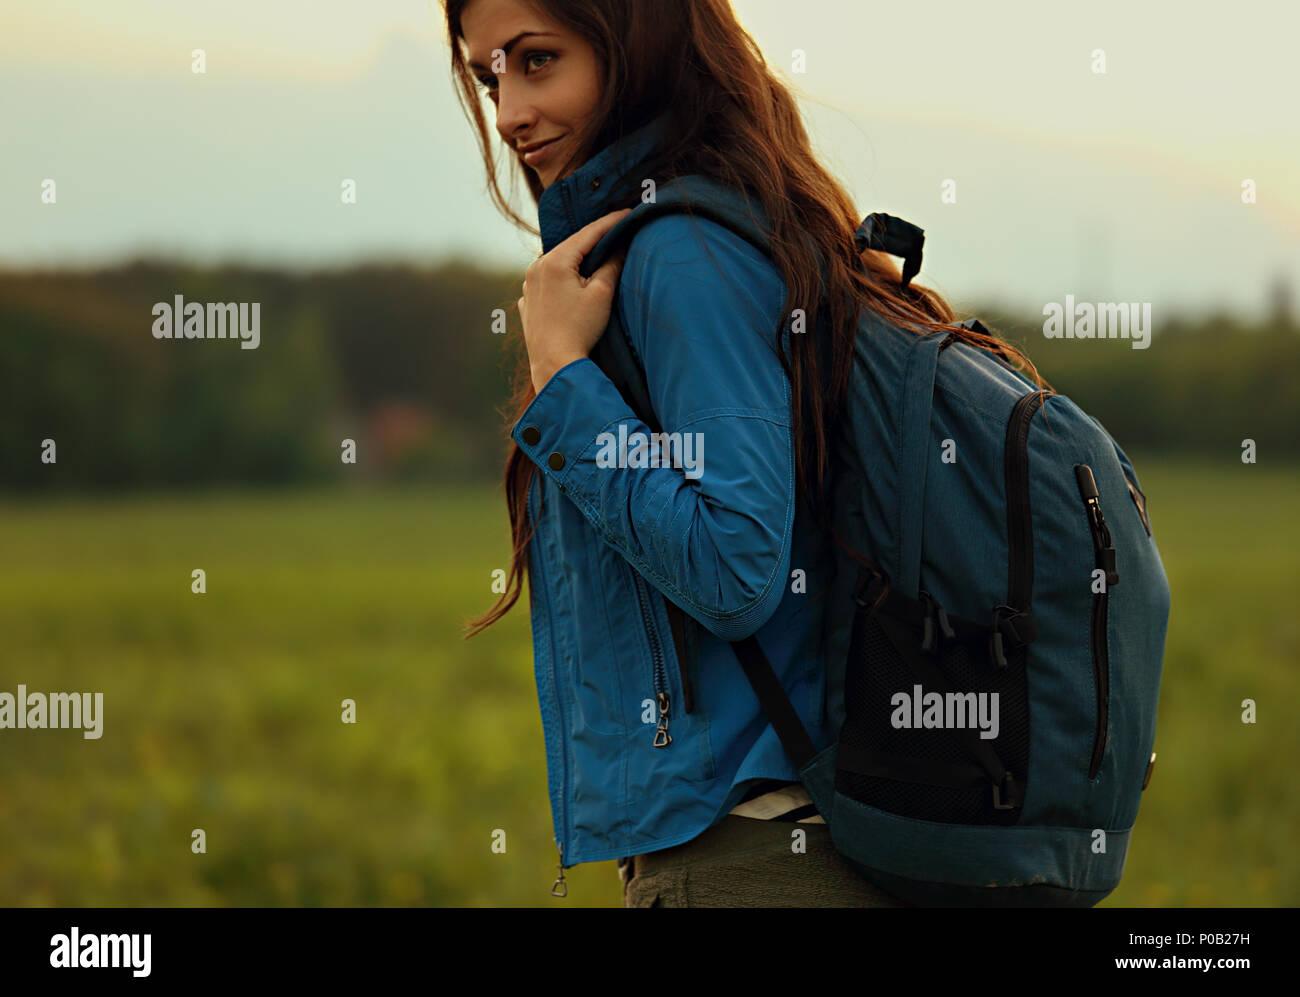 Felice backpacking avventurosa donna hanno un viaggio con blue enorme musetta sulla natura estate sfondo Immagini Stock